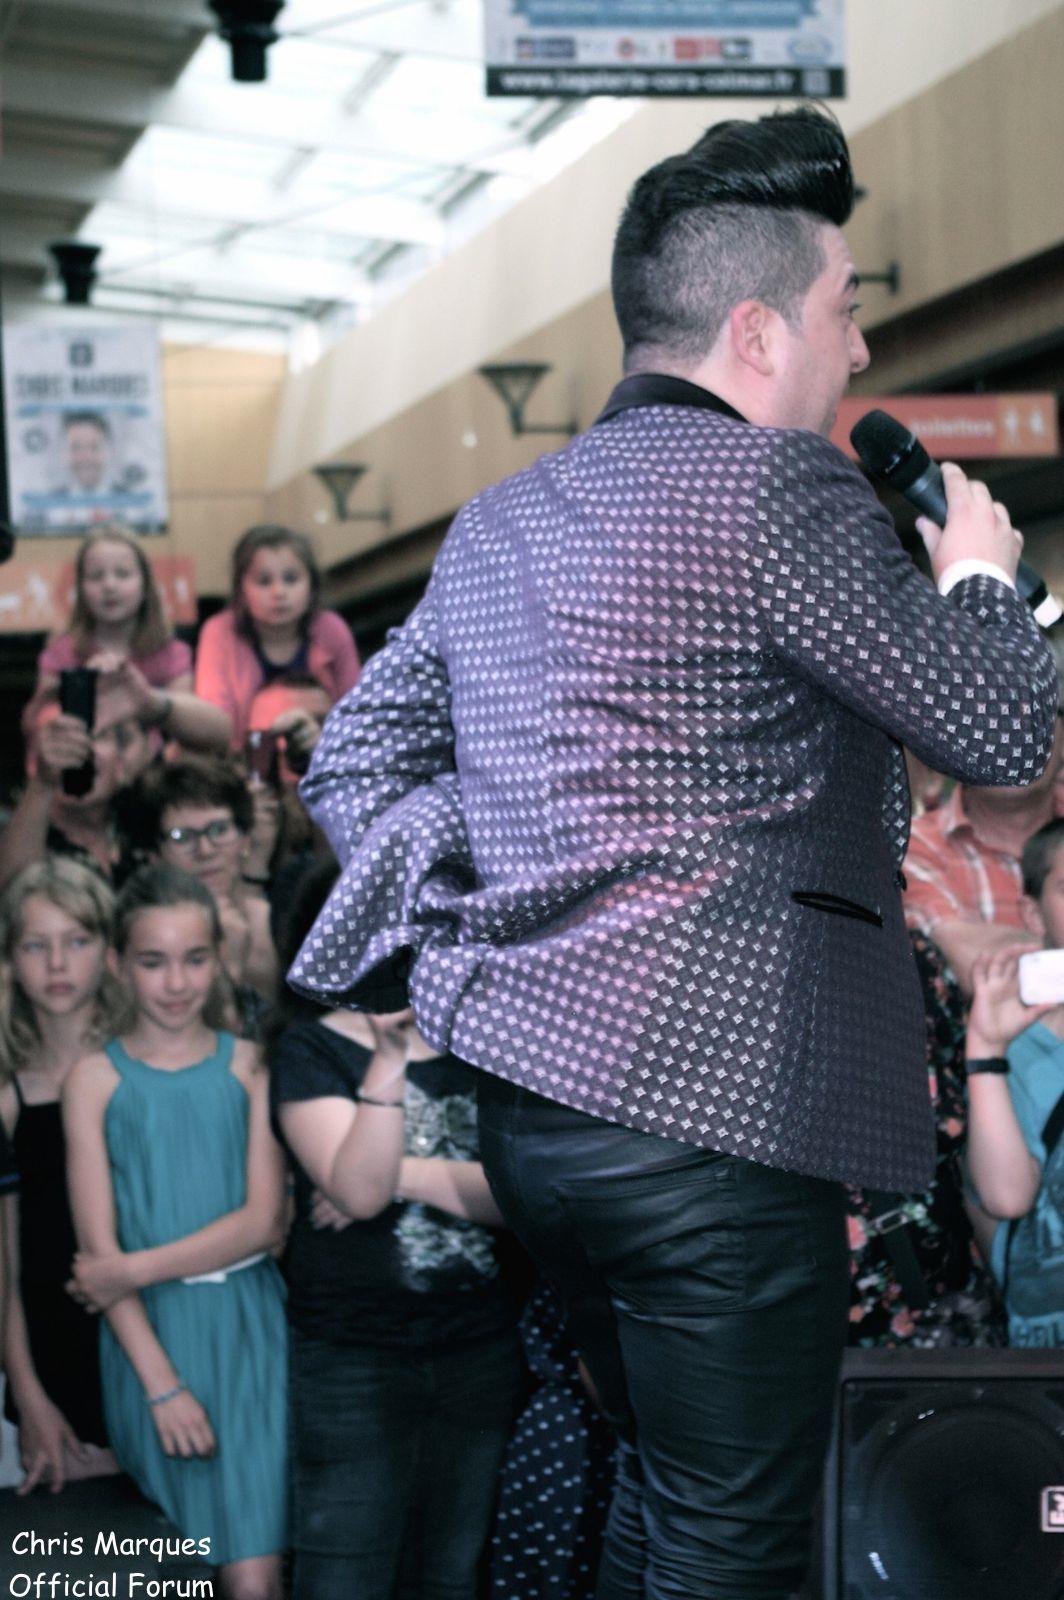 [14.06.2014] Evénement à #Colmar Chris Marques et Jaclyn Spencer pour un Flashmob/Cours de Danse/Dédicaces exceptionnels le tout organisé par la MJC de Colmar 9911